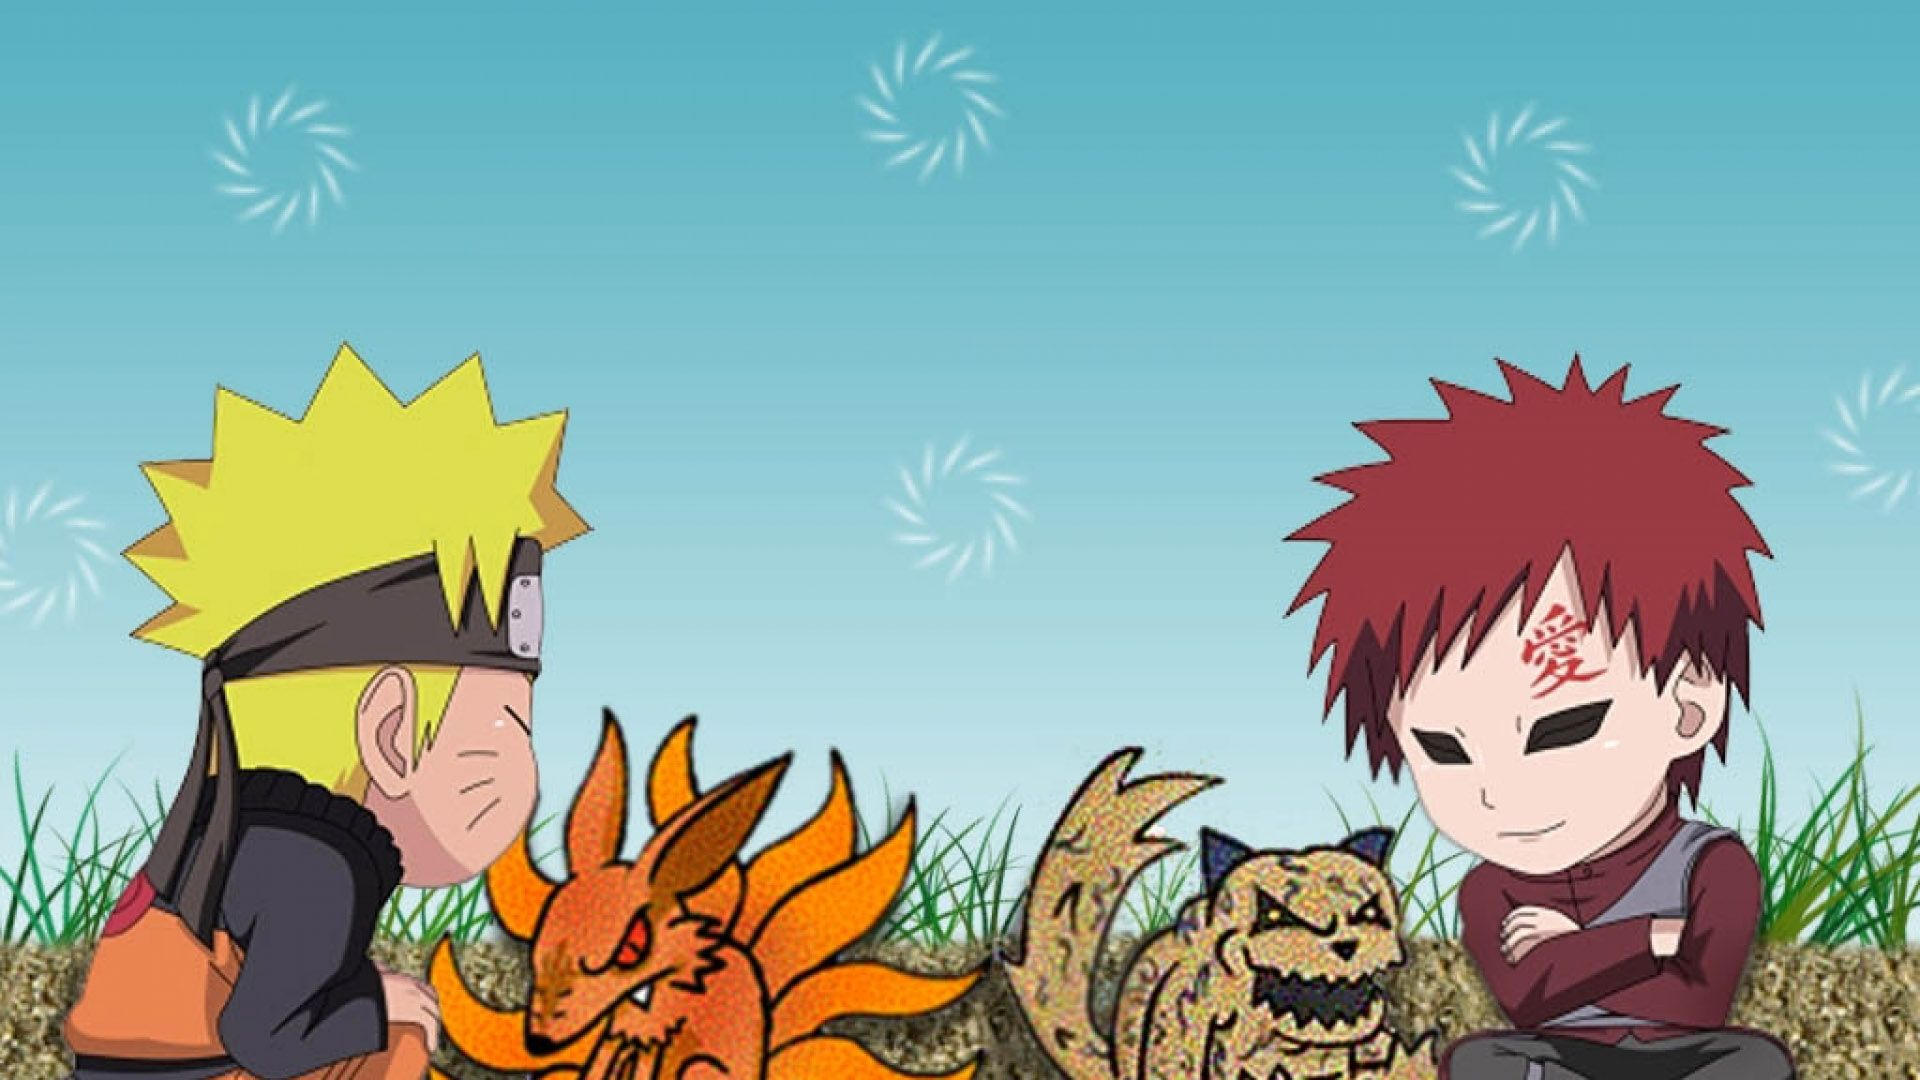 Chibi Naruto And Gaara Wallpaper Hd Wallpapers 1080p Cute Anime Chibi Chibi Wallpaper Anime Chibi